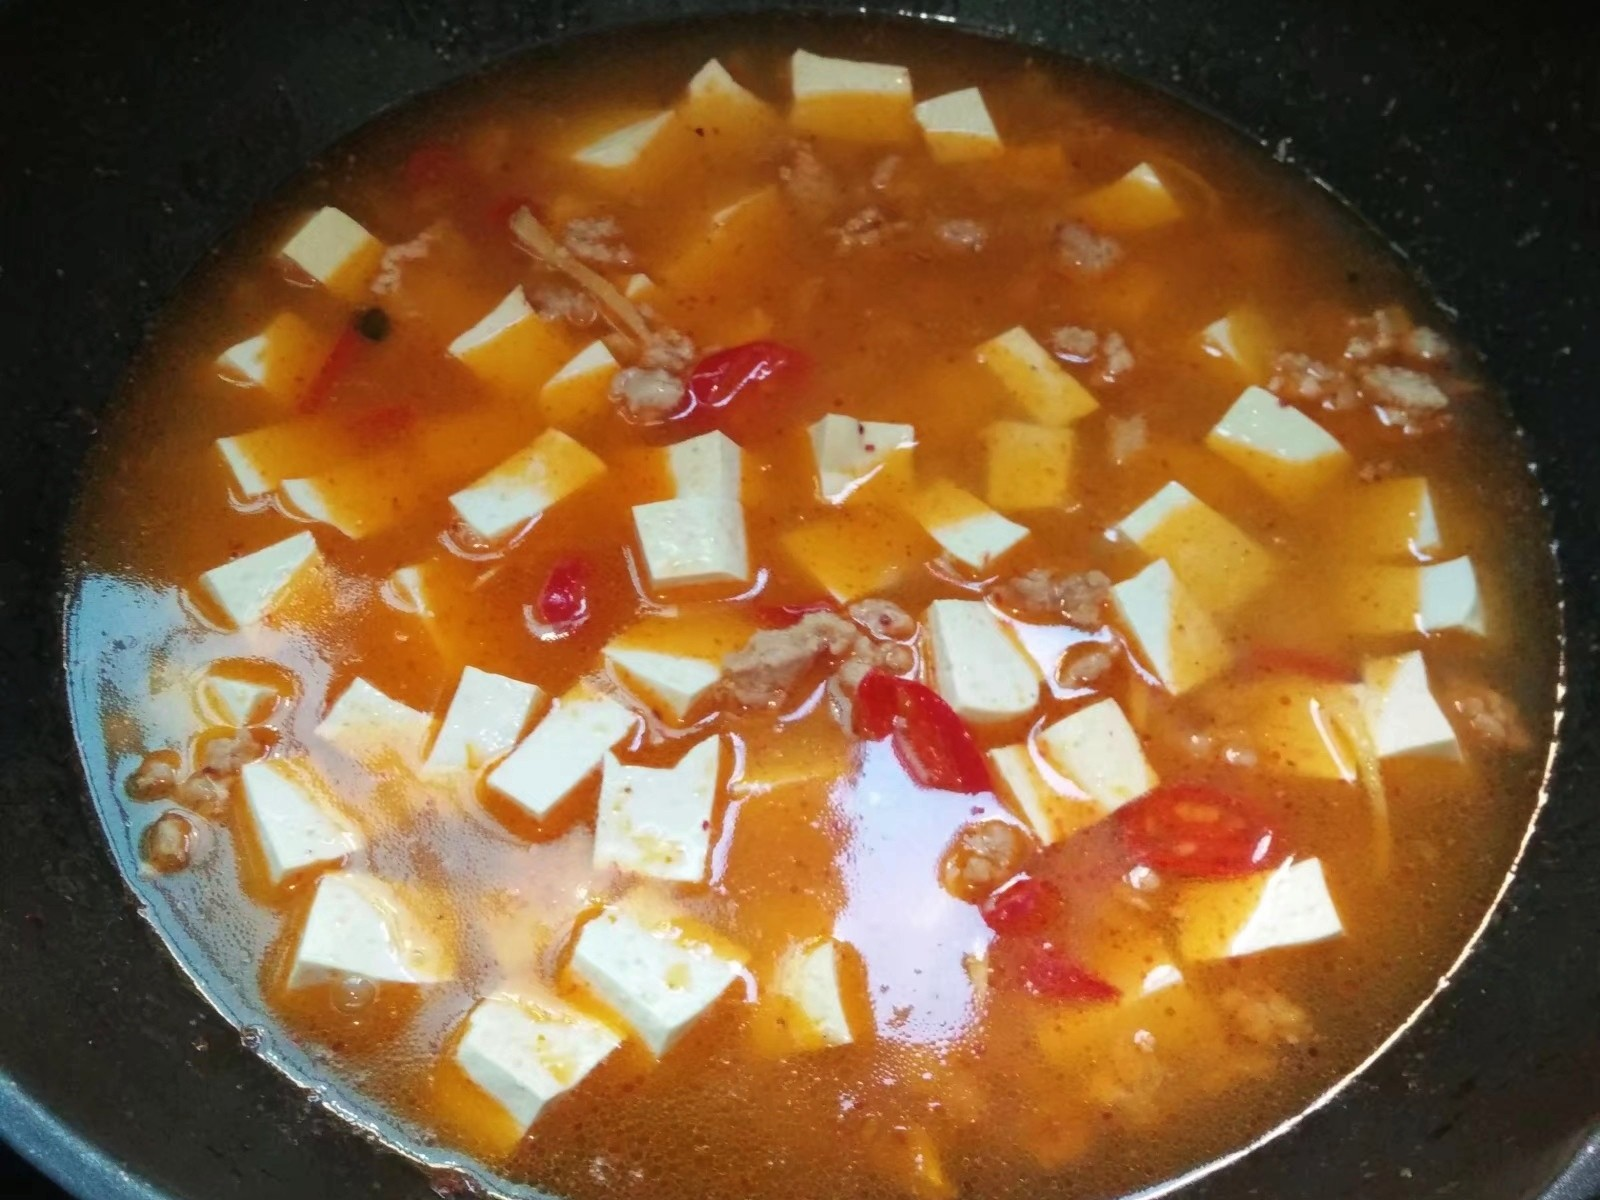 肉末炖豆腐怎么做